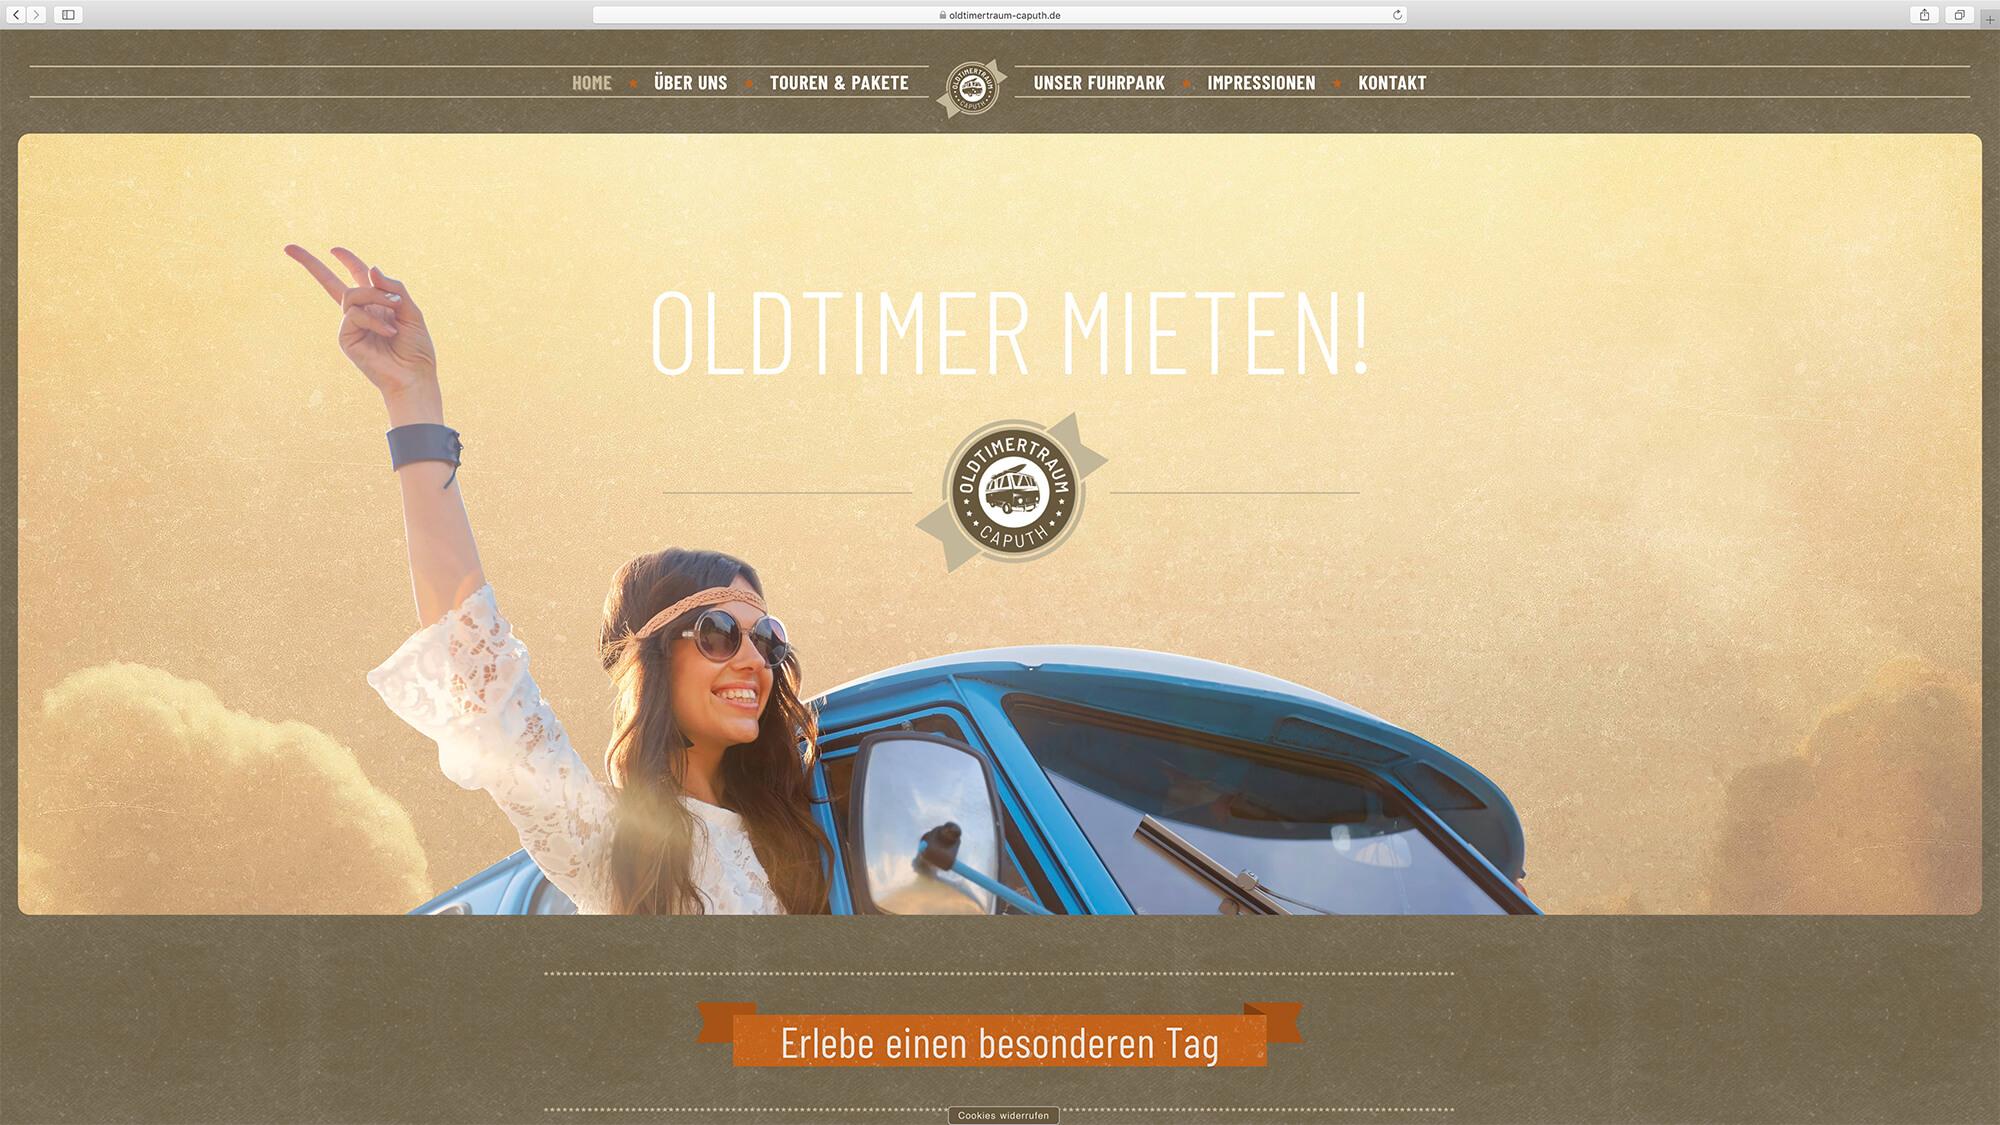 jung und billig werbeagentur oldtimertraum caputh webdesign bildschirm 1 - Oldtimertraum Caputh